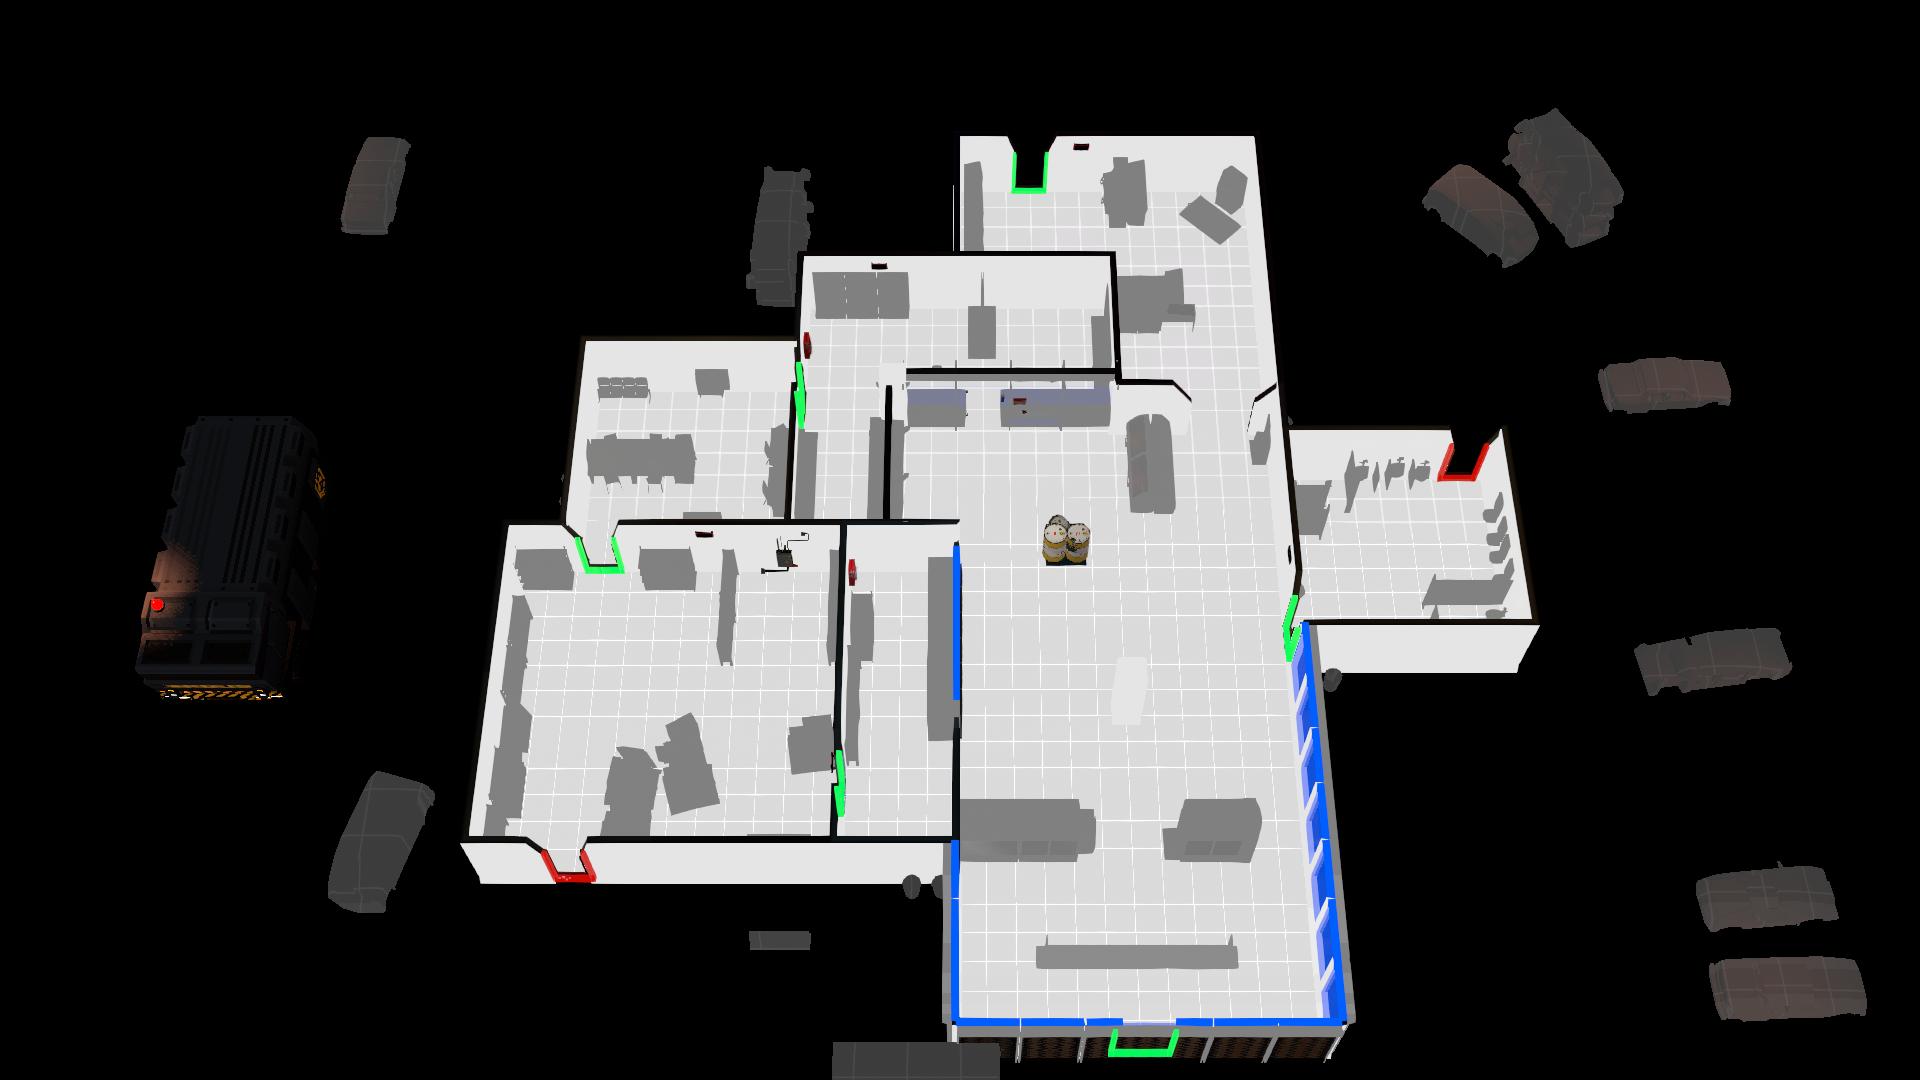 [CStore] Secure Prometheus [1373582486] - MAP.png